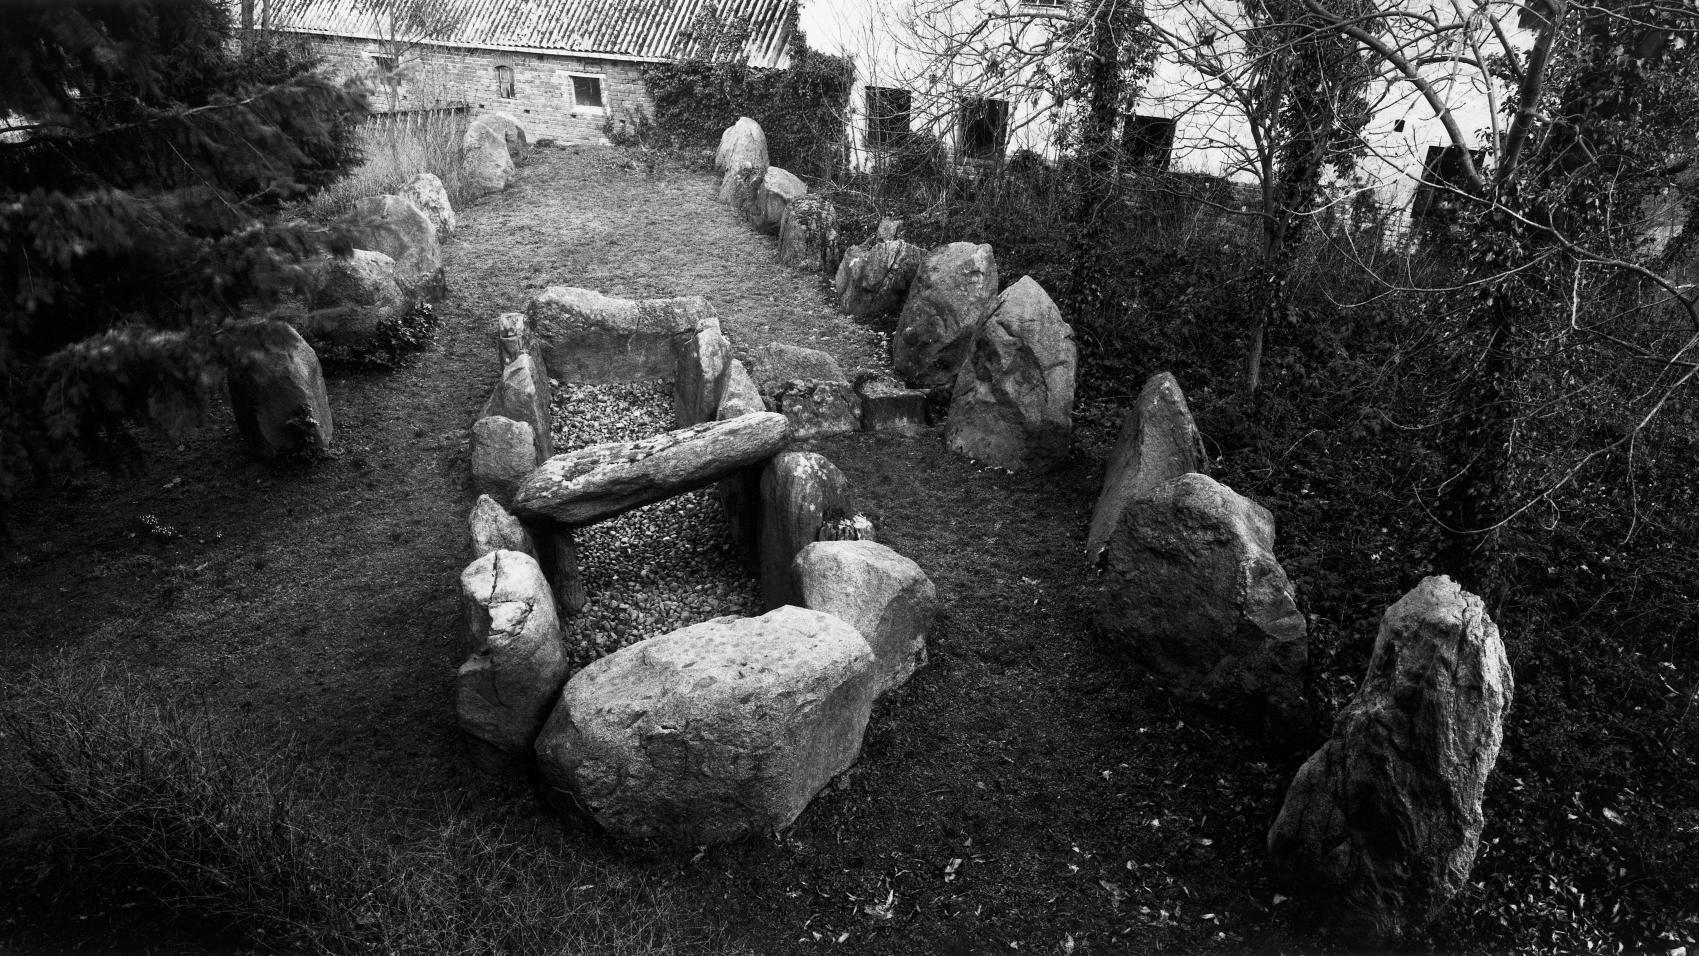 Die Großdolmen von Winterfeld, Fundplatz 1, im Altmarkkreis Salzwedel. © Landesamt für Denkmalpflege und Archäologie Sachsen-Anhalt, Juraj Lipták.